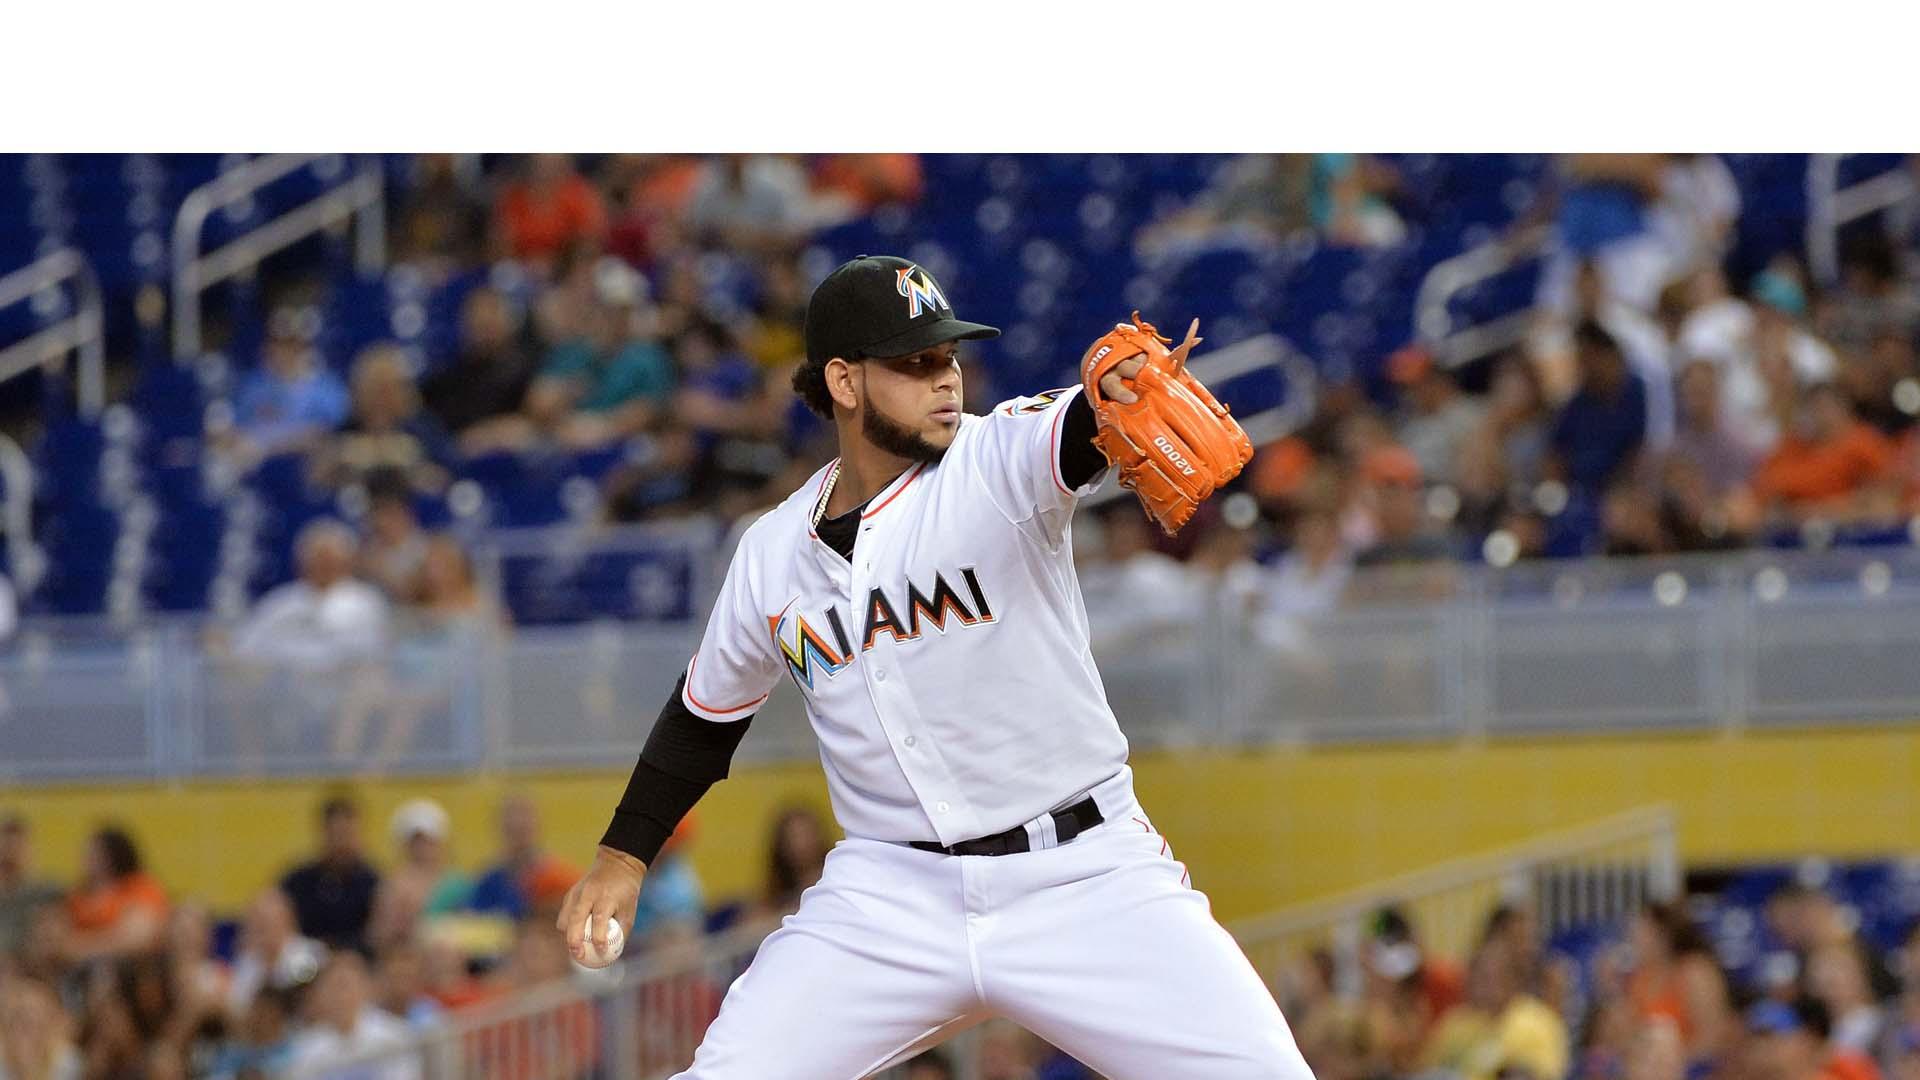 Tras un año complicado en Miami el lanzador recibe una nueva oportunidad con el equipo naranja de la Liga Americana